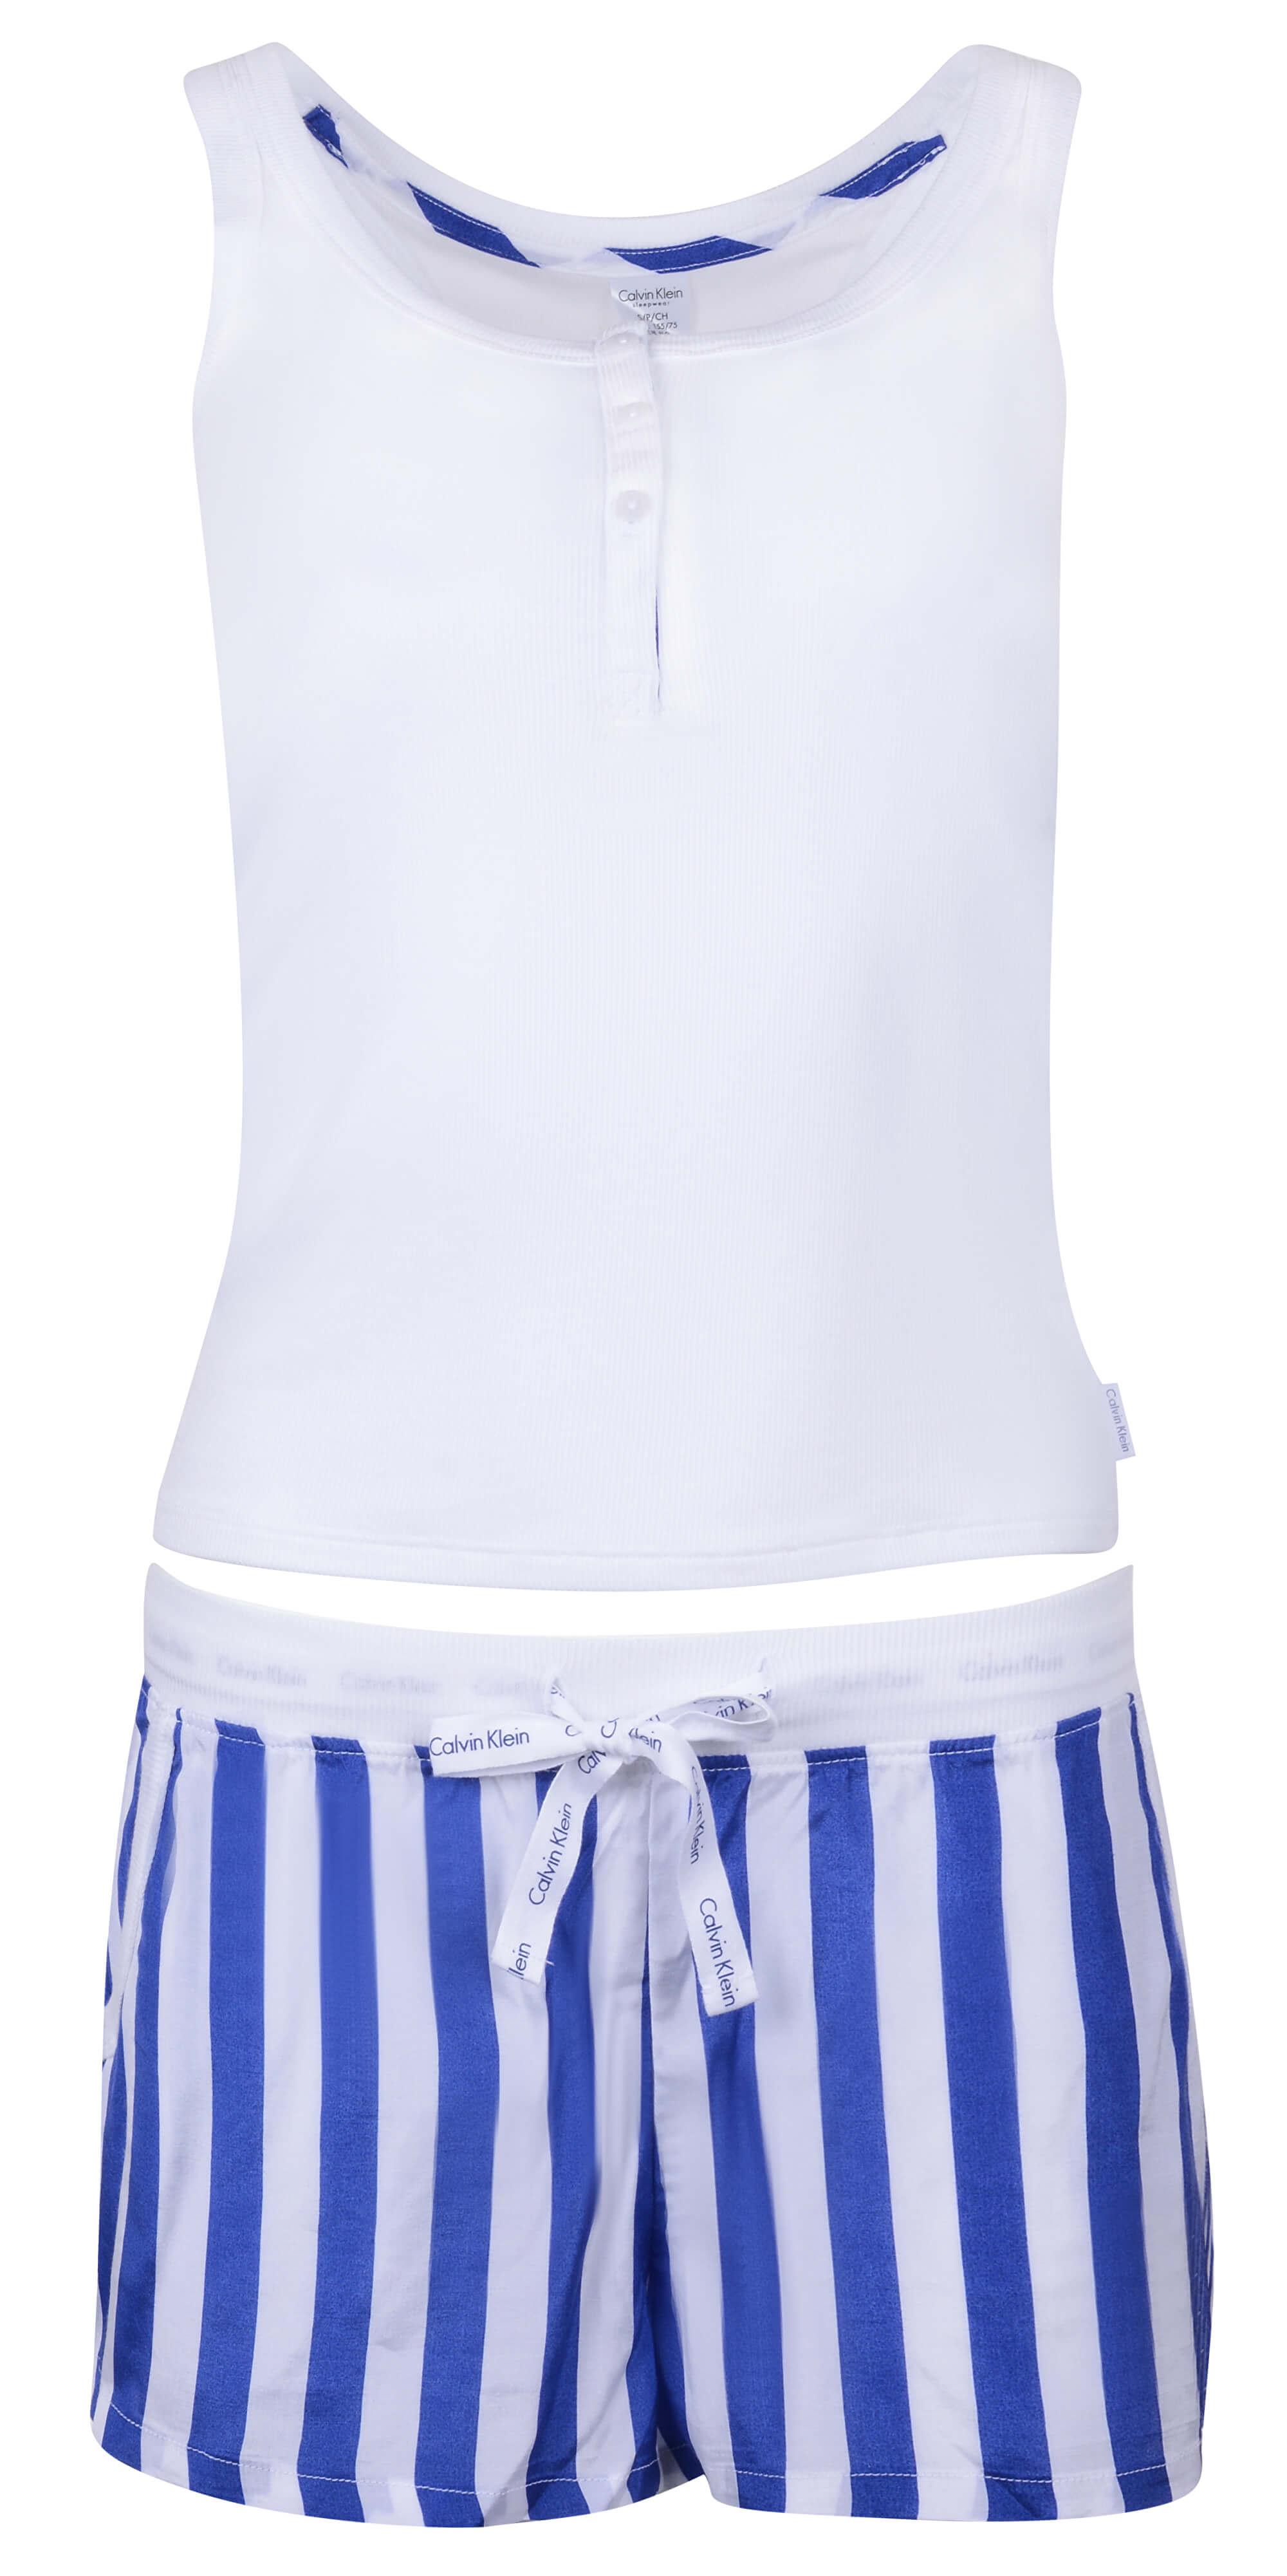 3af66f0910 Calvin Klein Dámske pyžamo Millenial PJ Set Attract   db Stripe Vertical  Print QS6025E